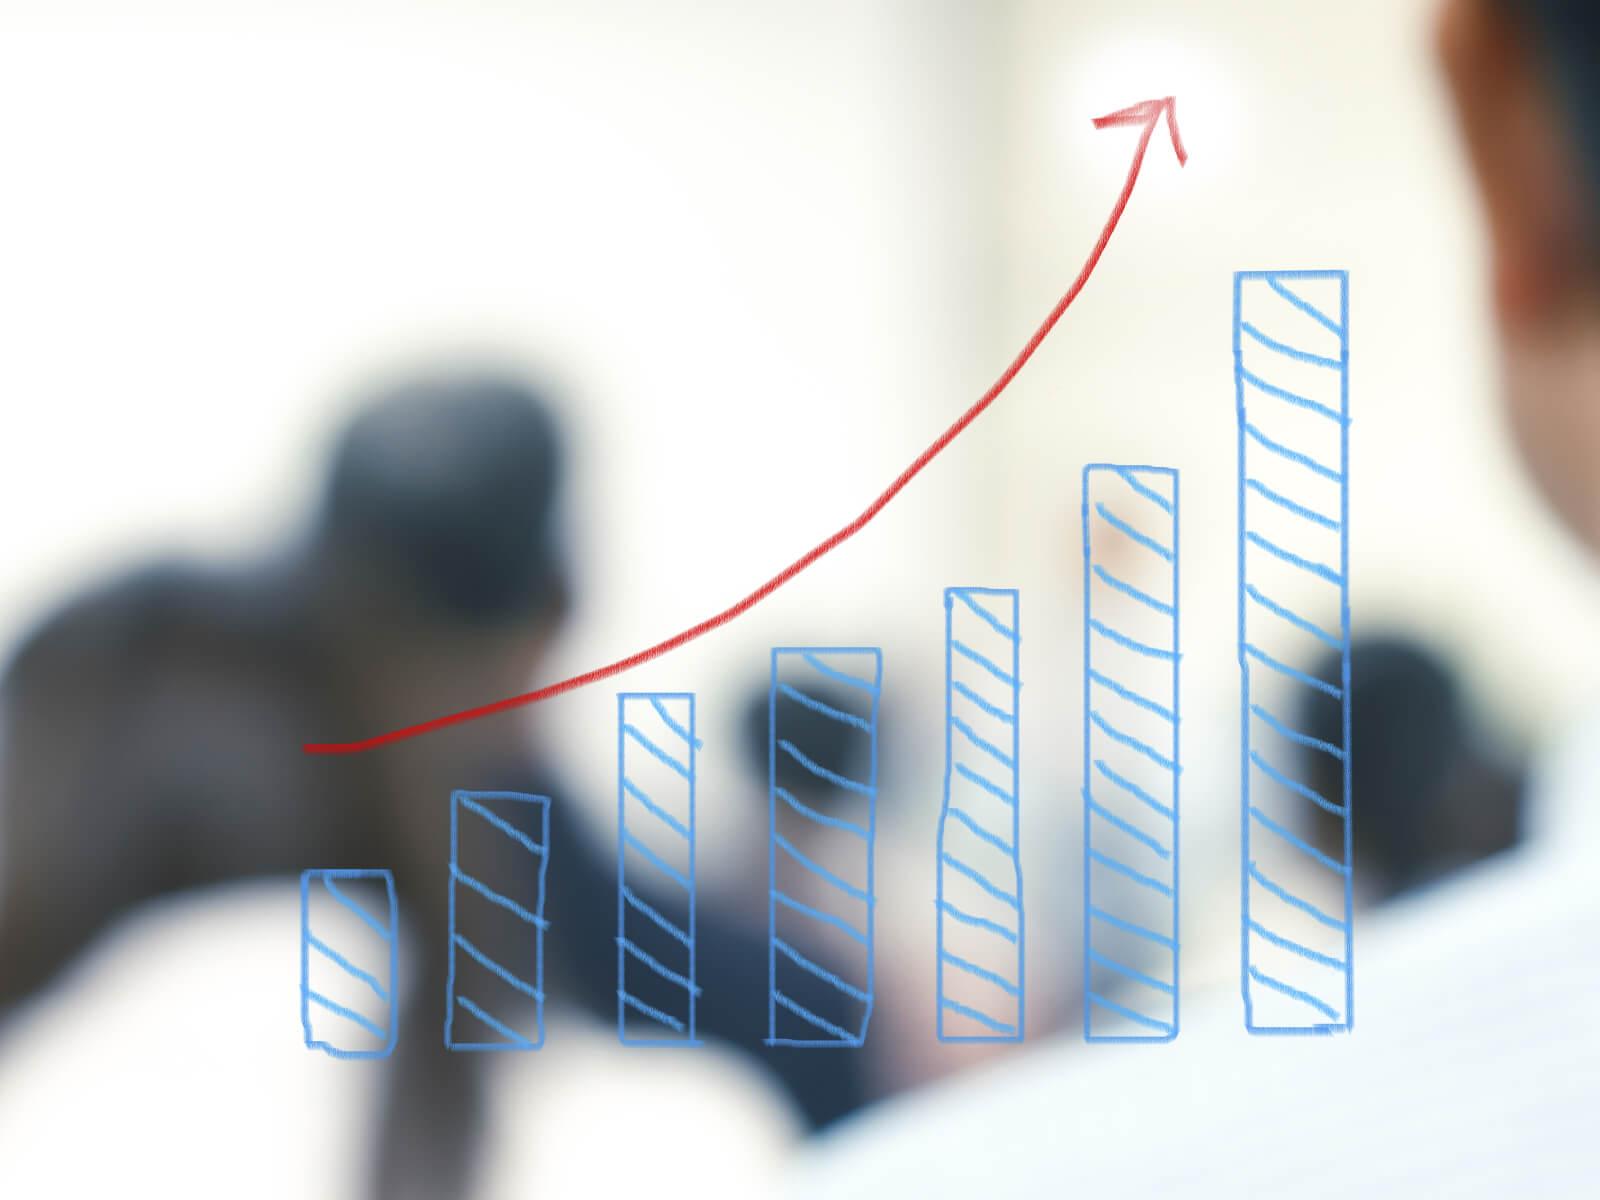 Network marketing başarı oranı - Tüm satış görevlileri, fark etseler de etmeseler de başarı oranına sahipler.